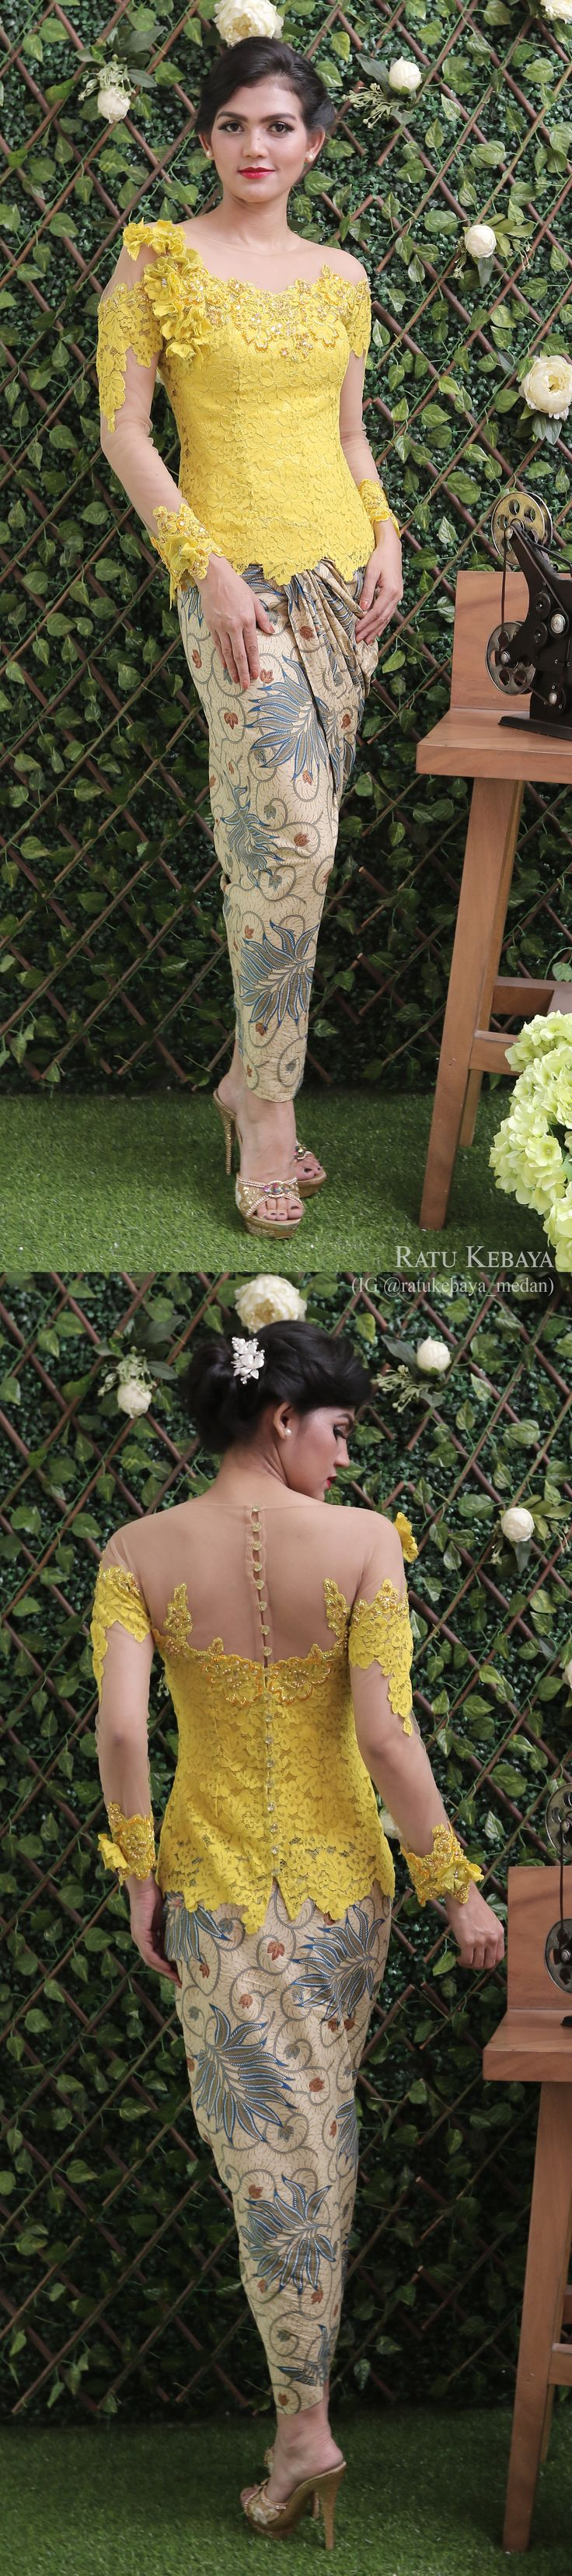 Kebaya kuning dengan aplikasi bunga bahu, dikombinasi dengan rok lilit batik (IG @ratukebaya_medan)